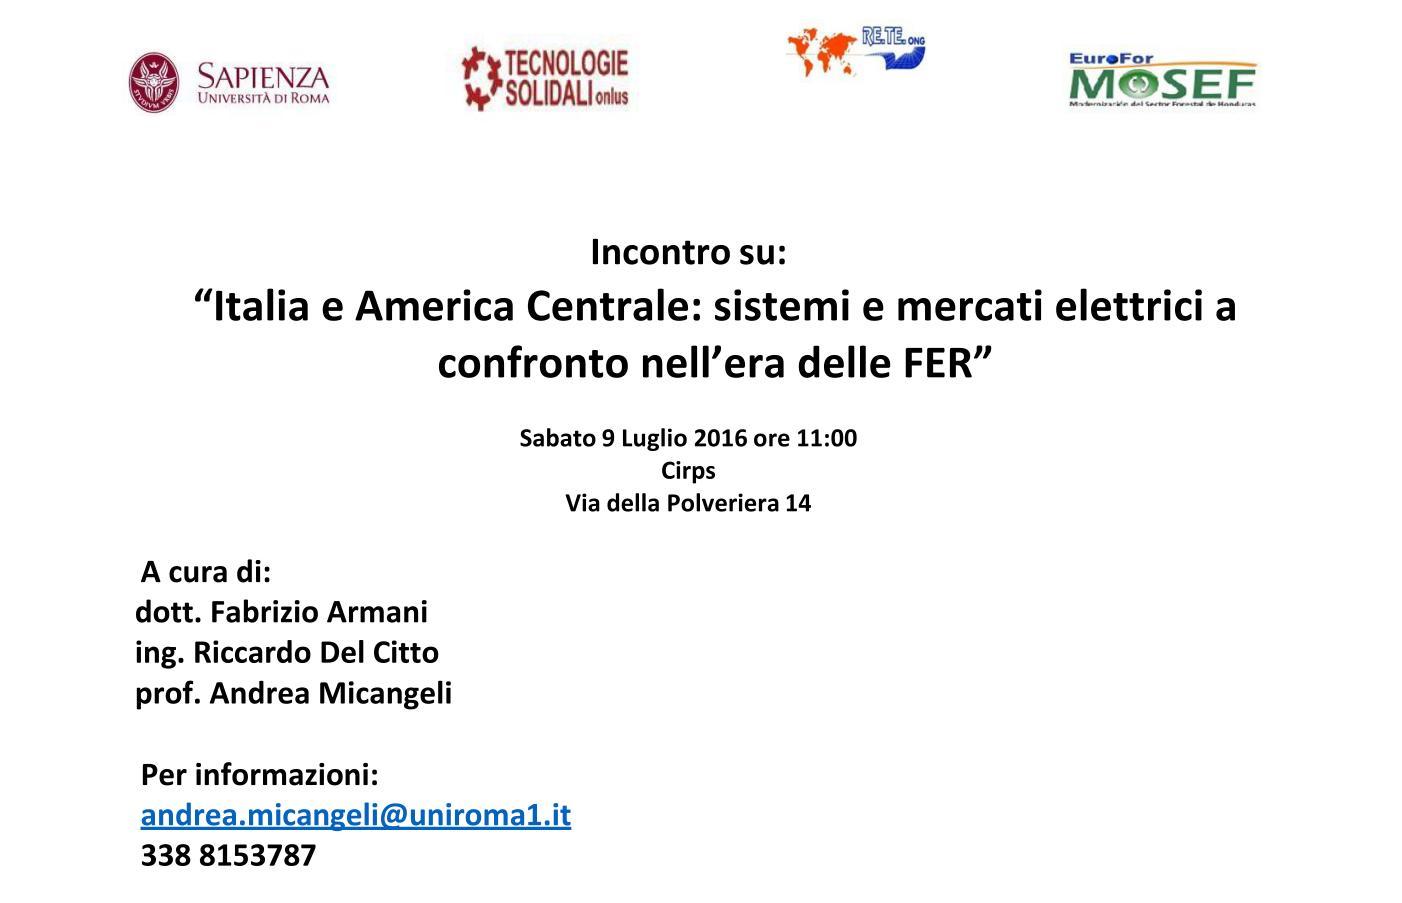 """Incontro formativo: """"Italia e America Centrale: sistemi e mercati elettrici a confronto nell'era delle FER""""."""